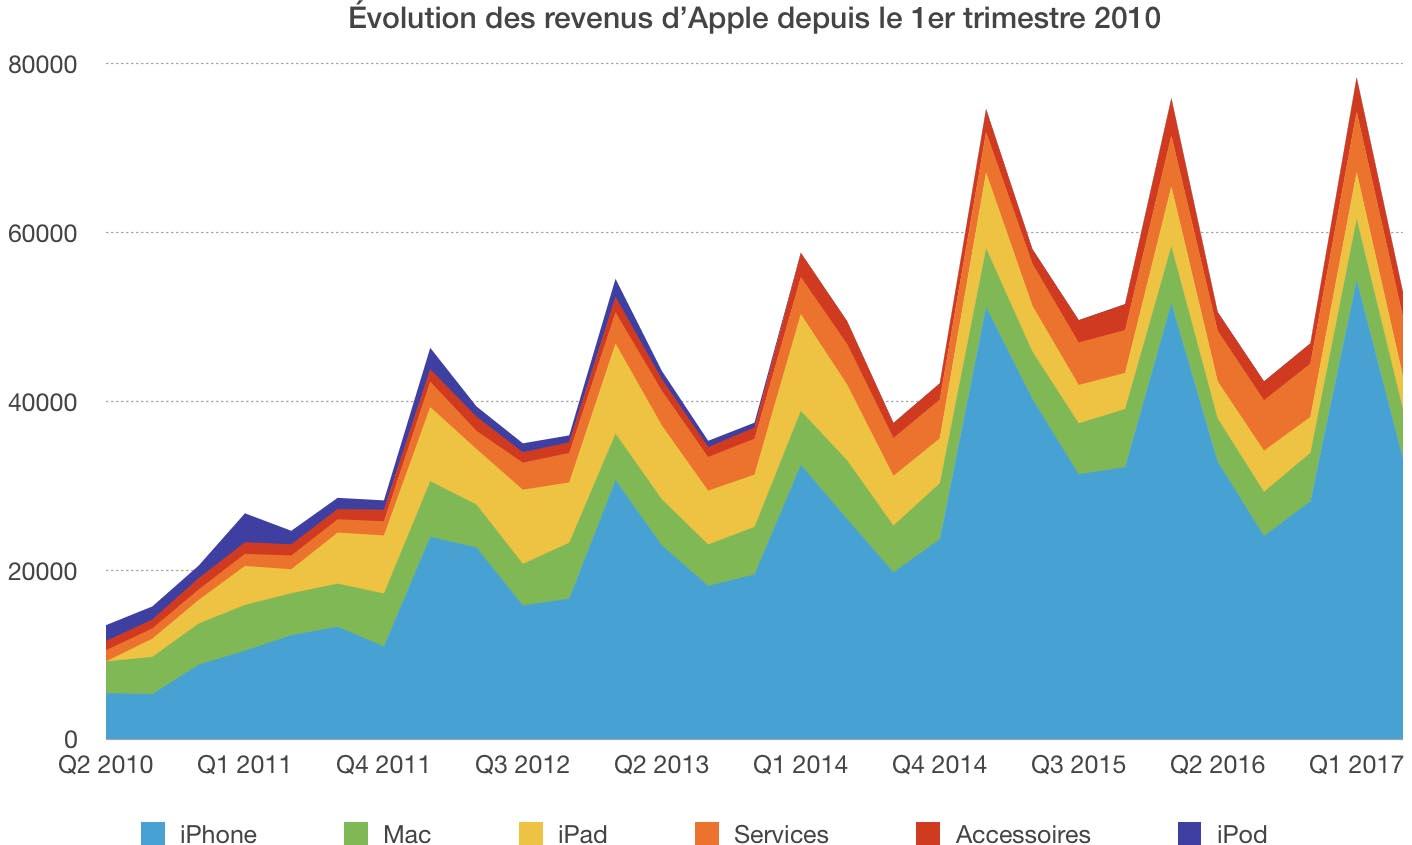 Résultats Apple Q2 2017 historique